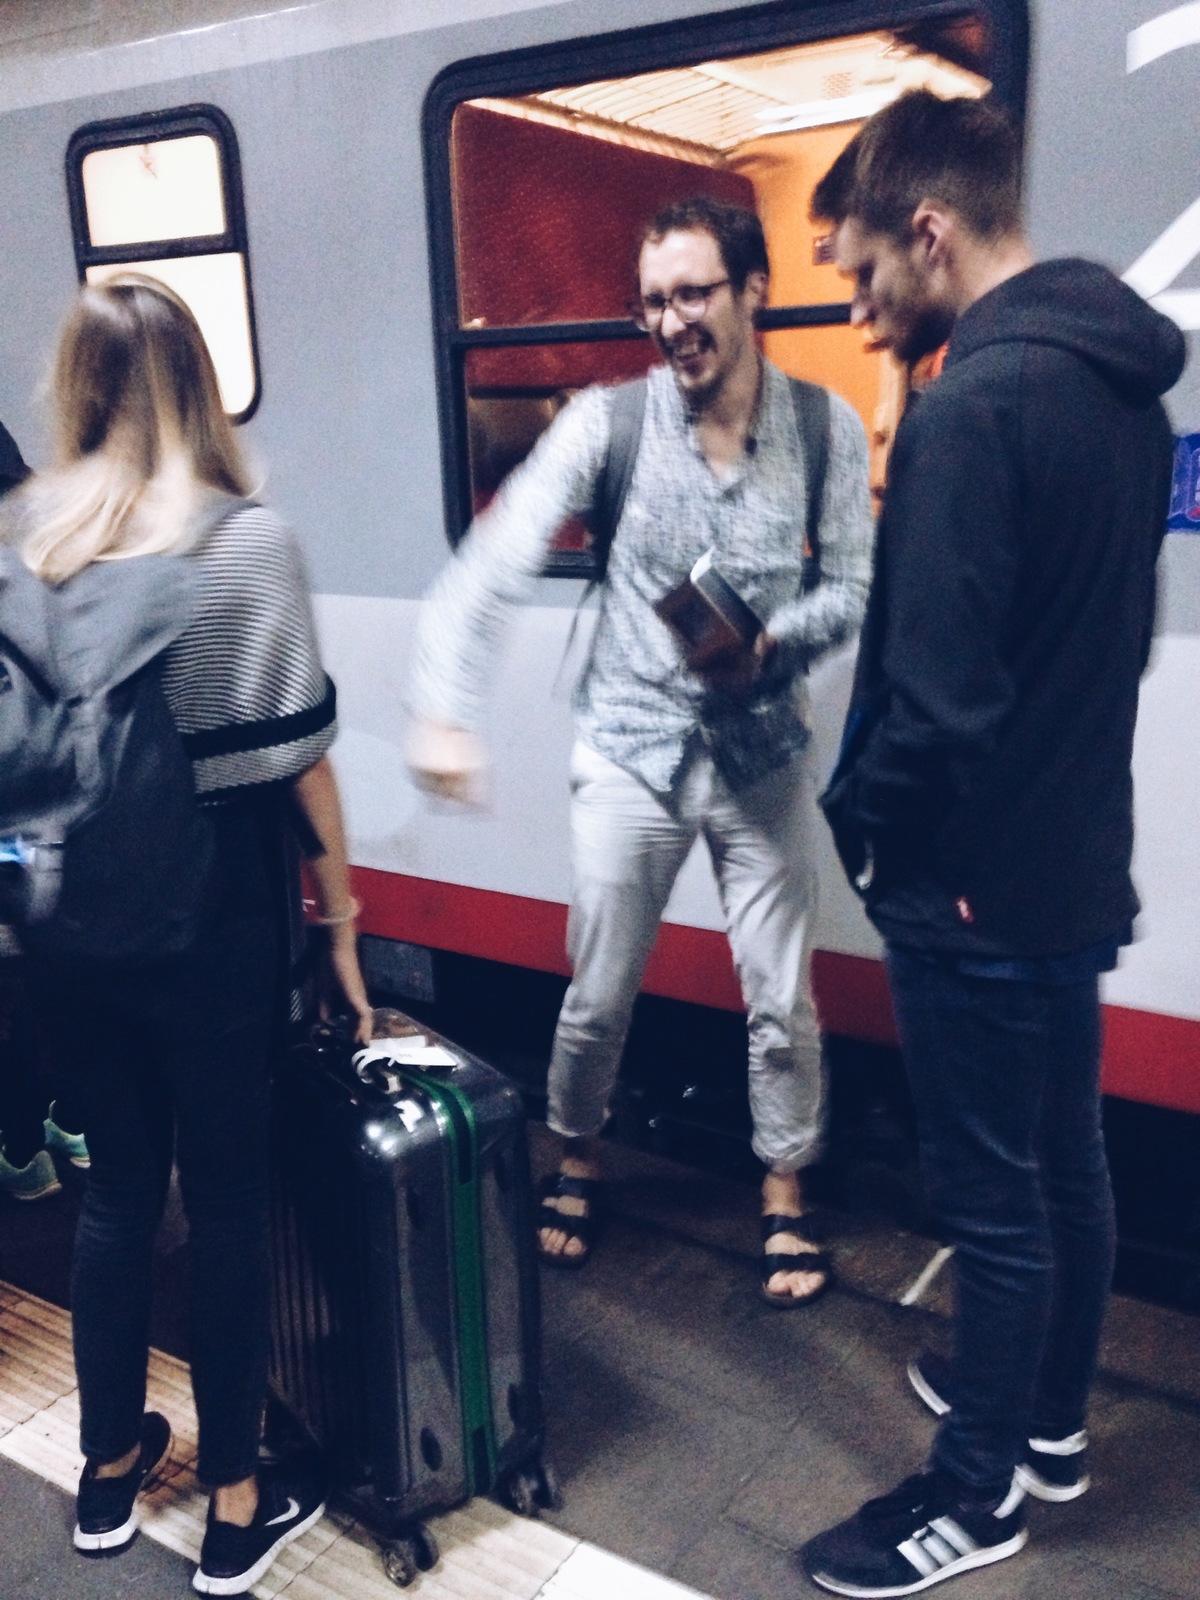 trivago on tour party train 4